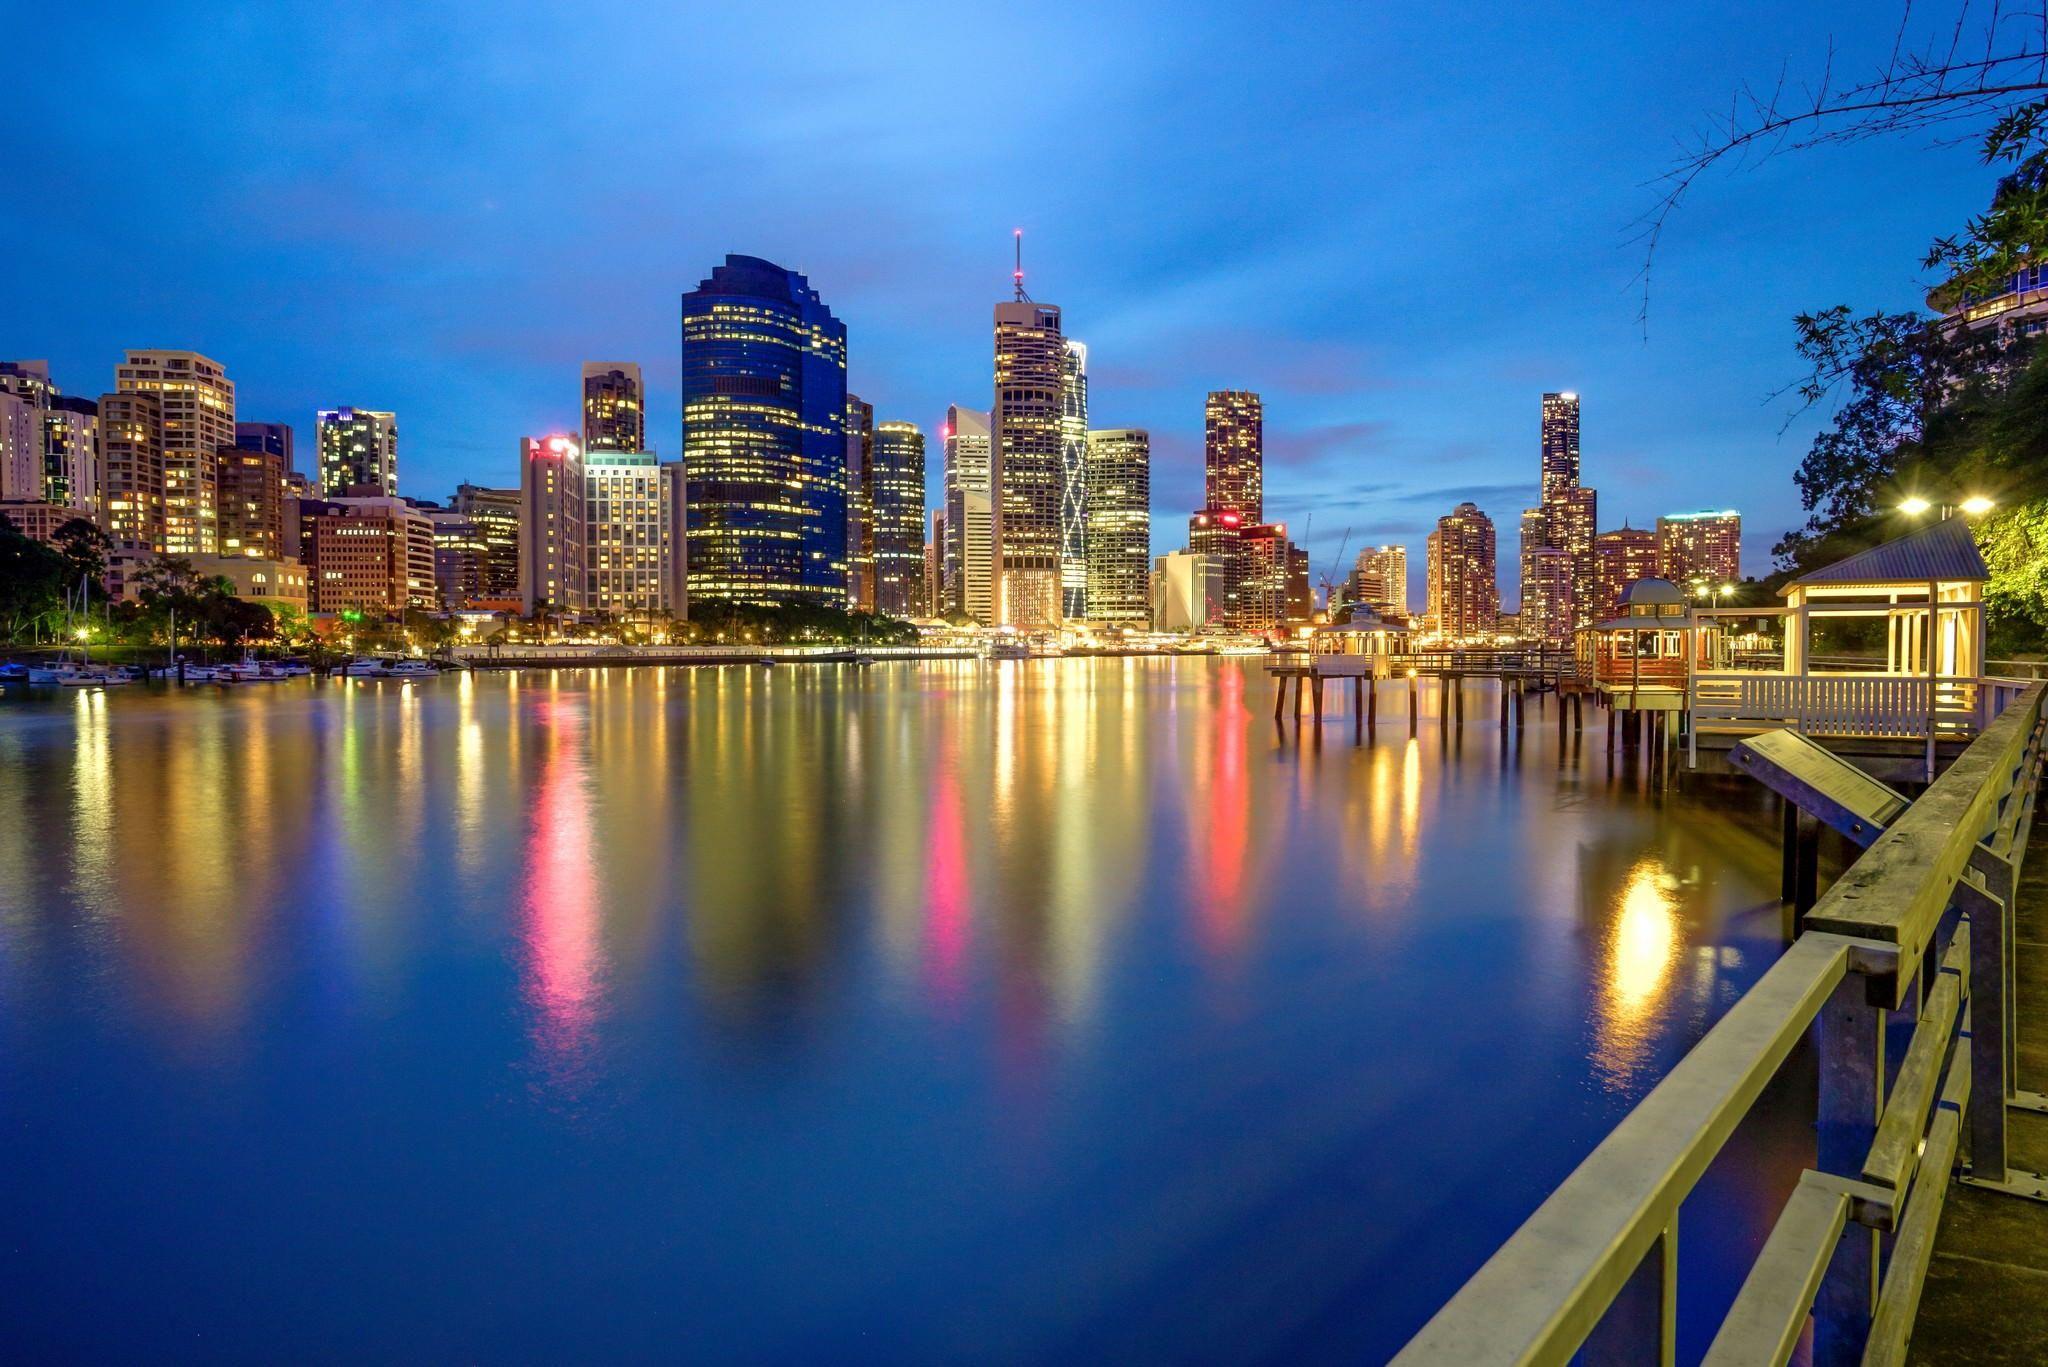 Brisbane kangaroo point by tony mwendi kinkela on 500px